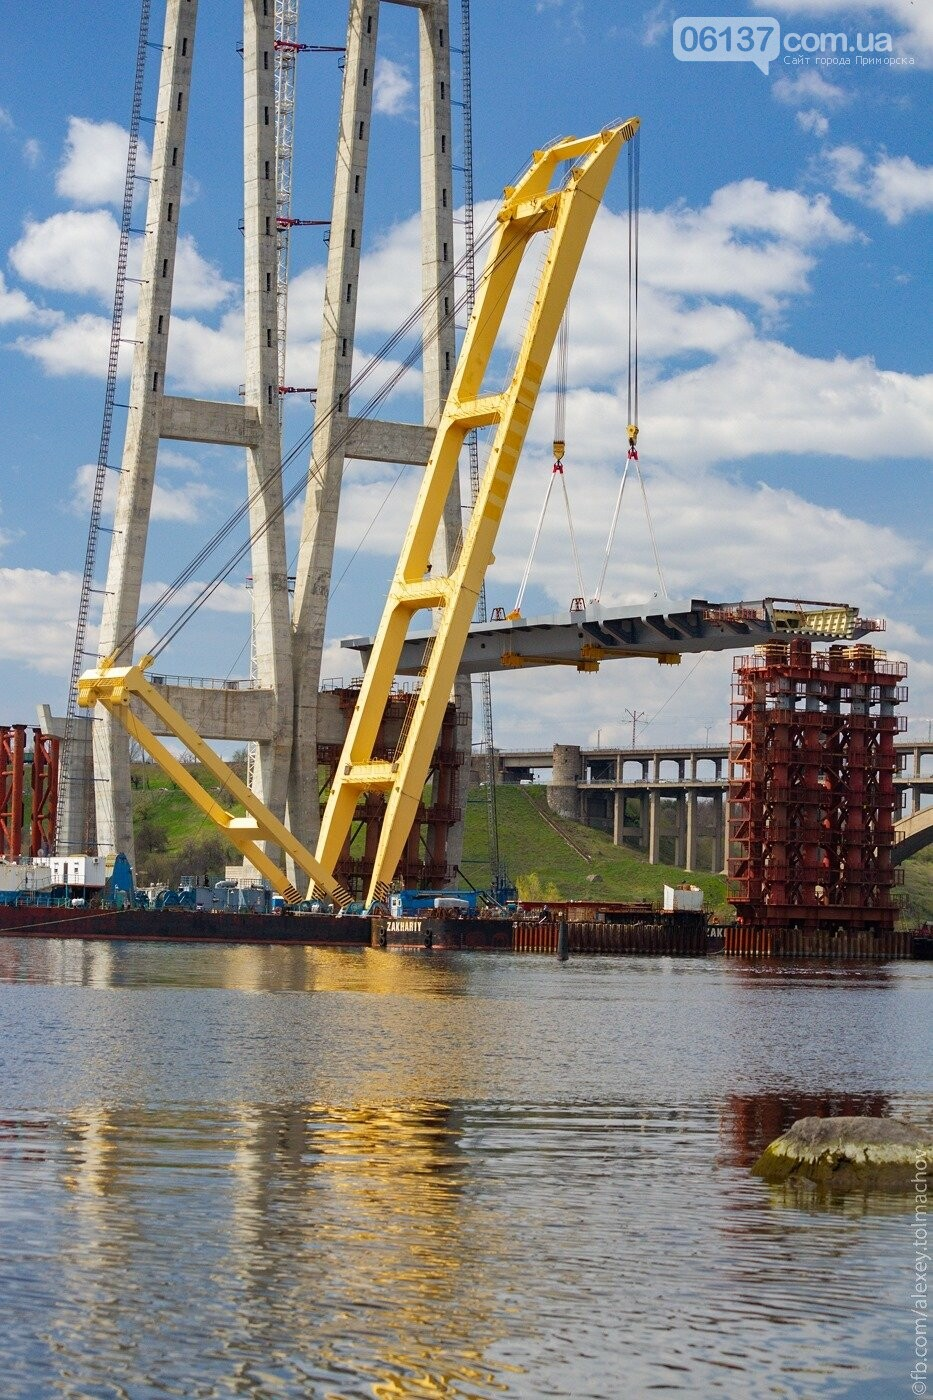 Историческое событие в Запорожье: смонтирован первый сегмент нового вантового моста. Фото, фото-2